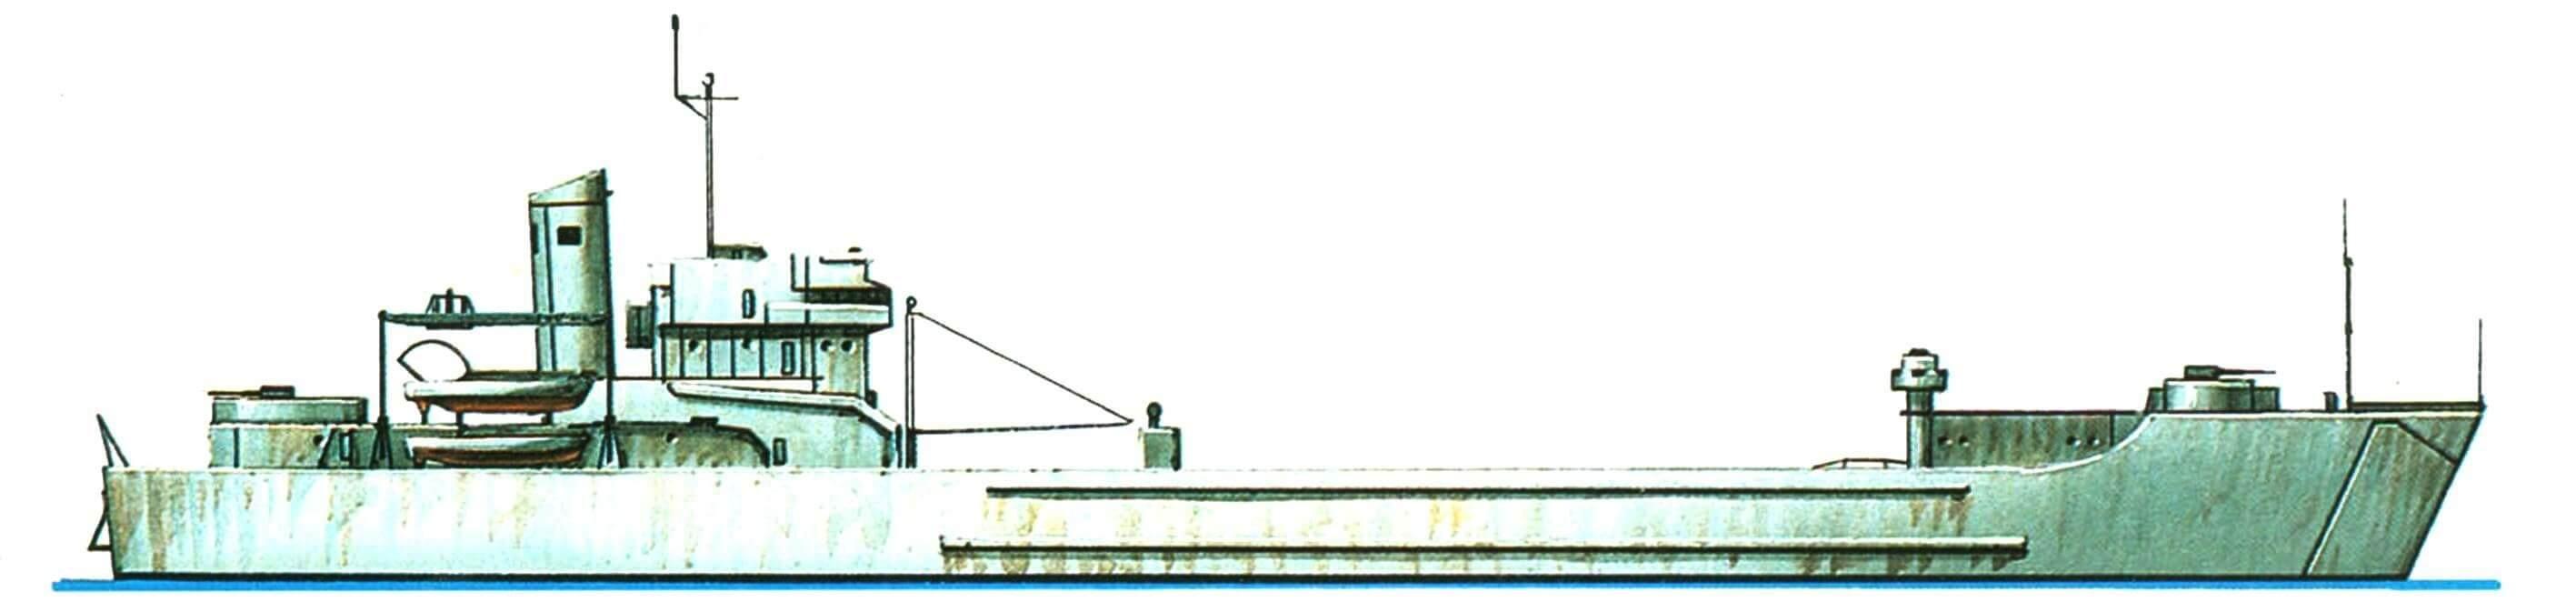 38.Танкодесантный корабль «Йорк Каунти», США, 1957 г. Водоизмещение стандартное 3860 т, полное 7850 т. Длина максимальная 134,8 м, ширина 18,9 м, осадка 4,1 м. Дизели общей мощностью 15 000 л.с., скорость 17 узлов. Вооружение: шесть 76-мм зенитных орудий. Вместимость: 635 десантников. Всего в 1953 — 1955 годах построено 7 единиц.